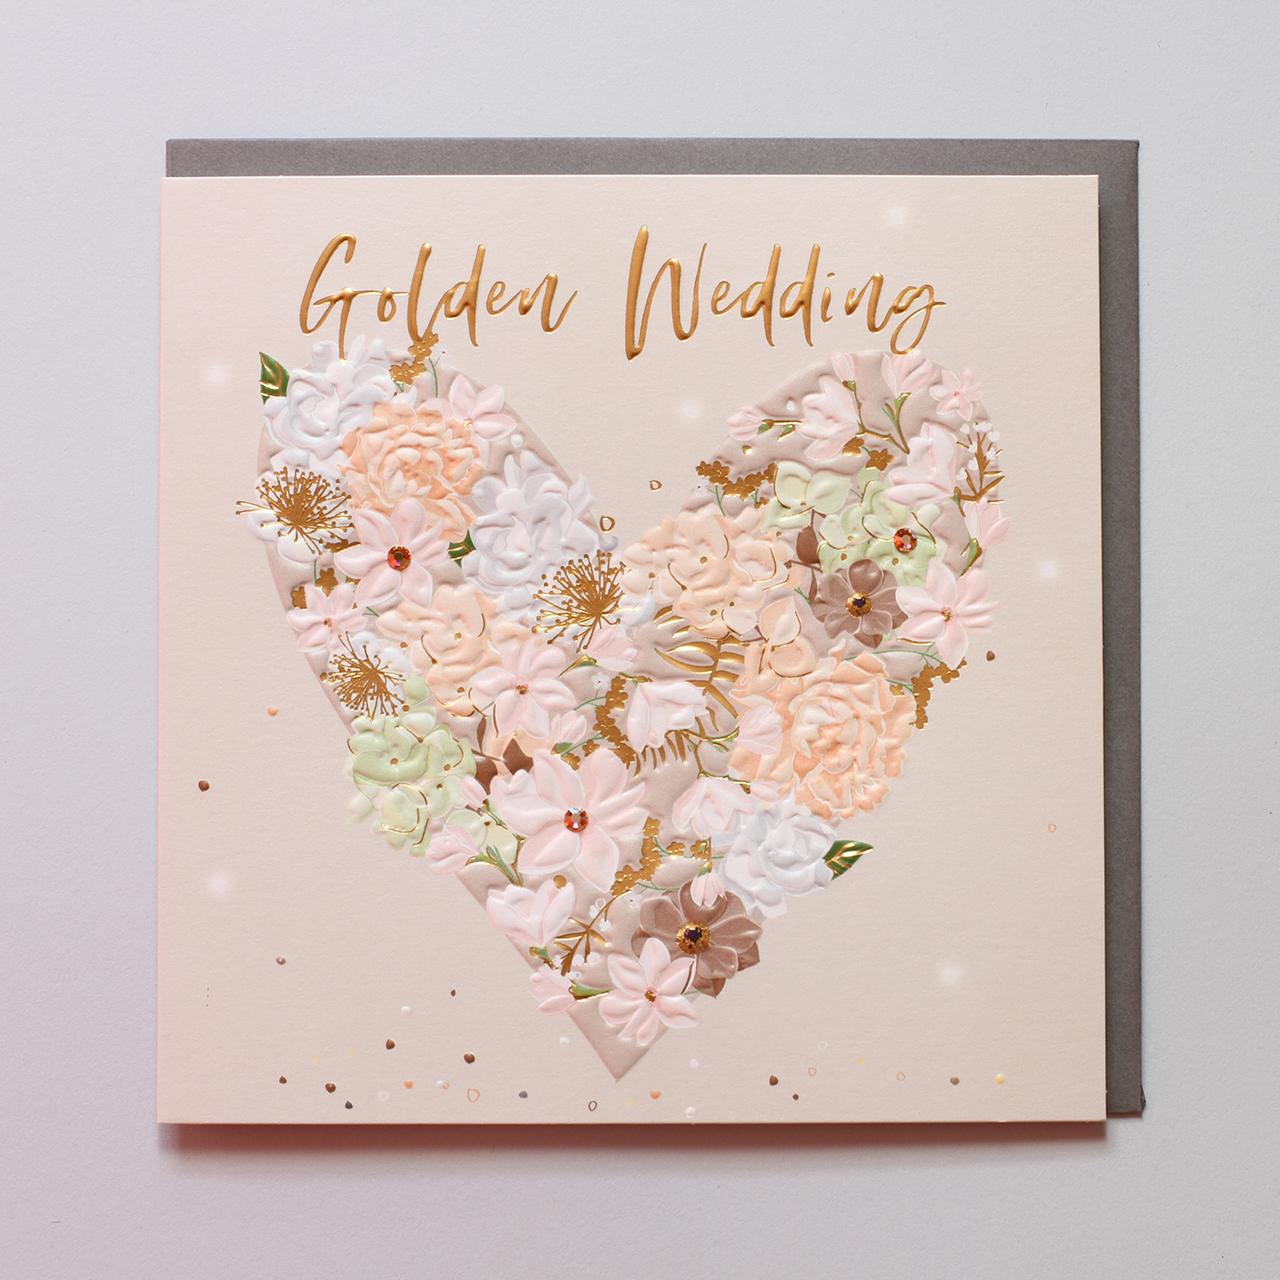 Belly Button Designs, Golden Wedding Anniversary